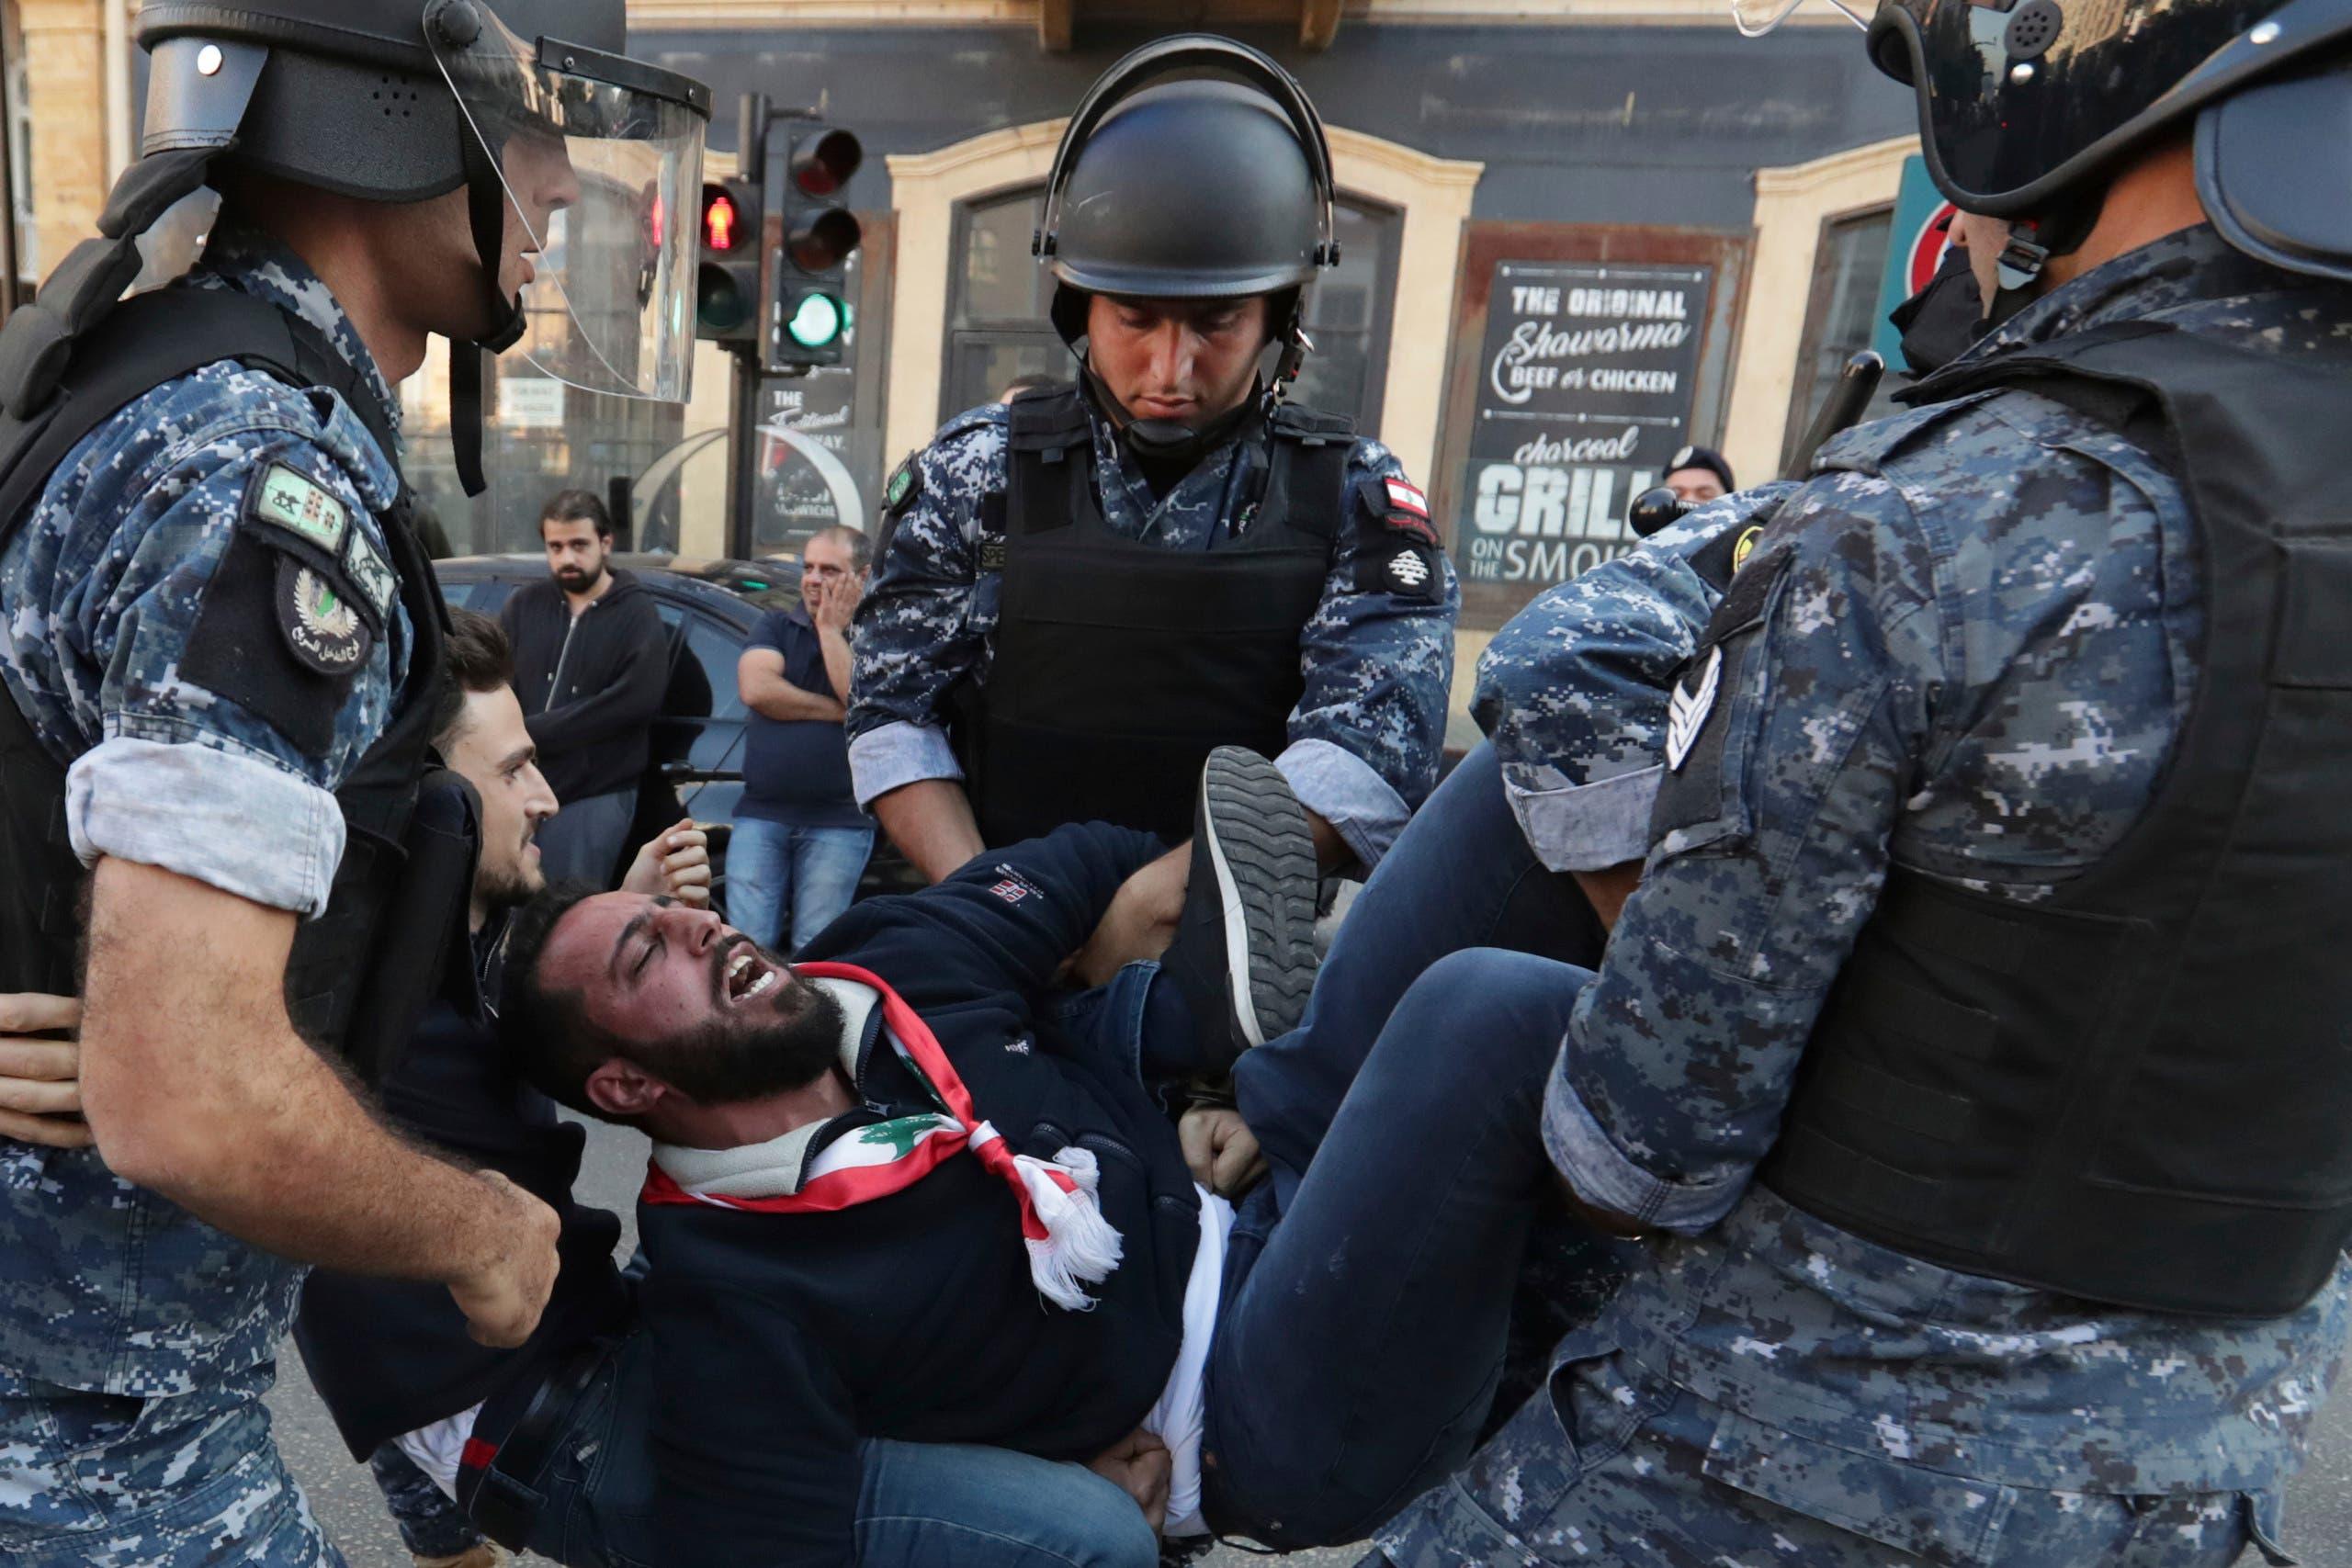 محاولات الأمن لفتح بعض الطرقات عبر إزاحة المحتجين الذين افترشوا الأرض